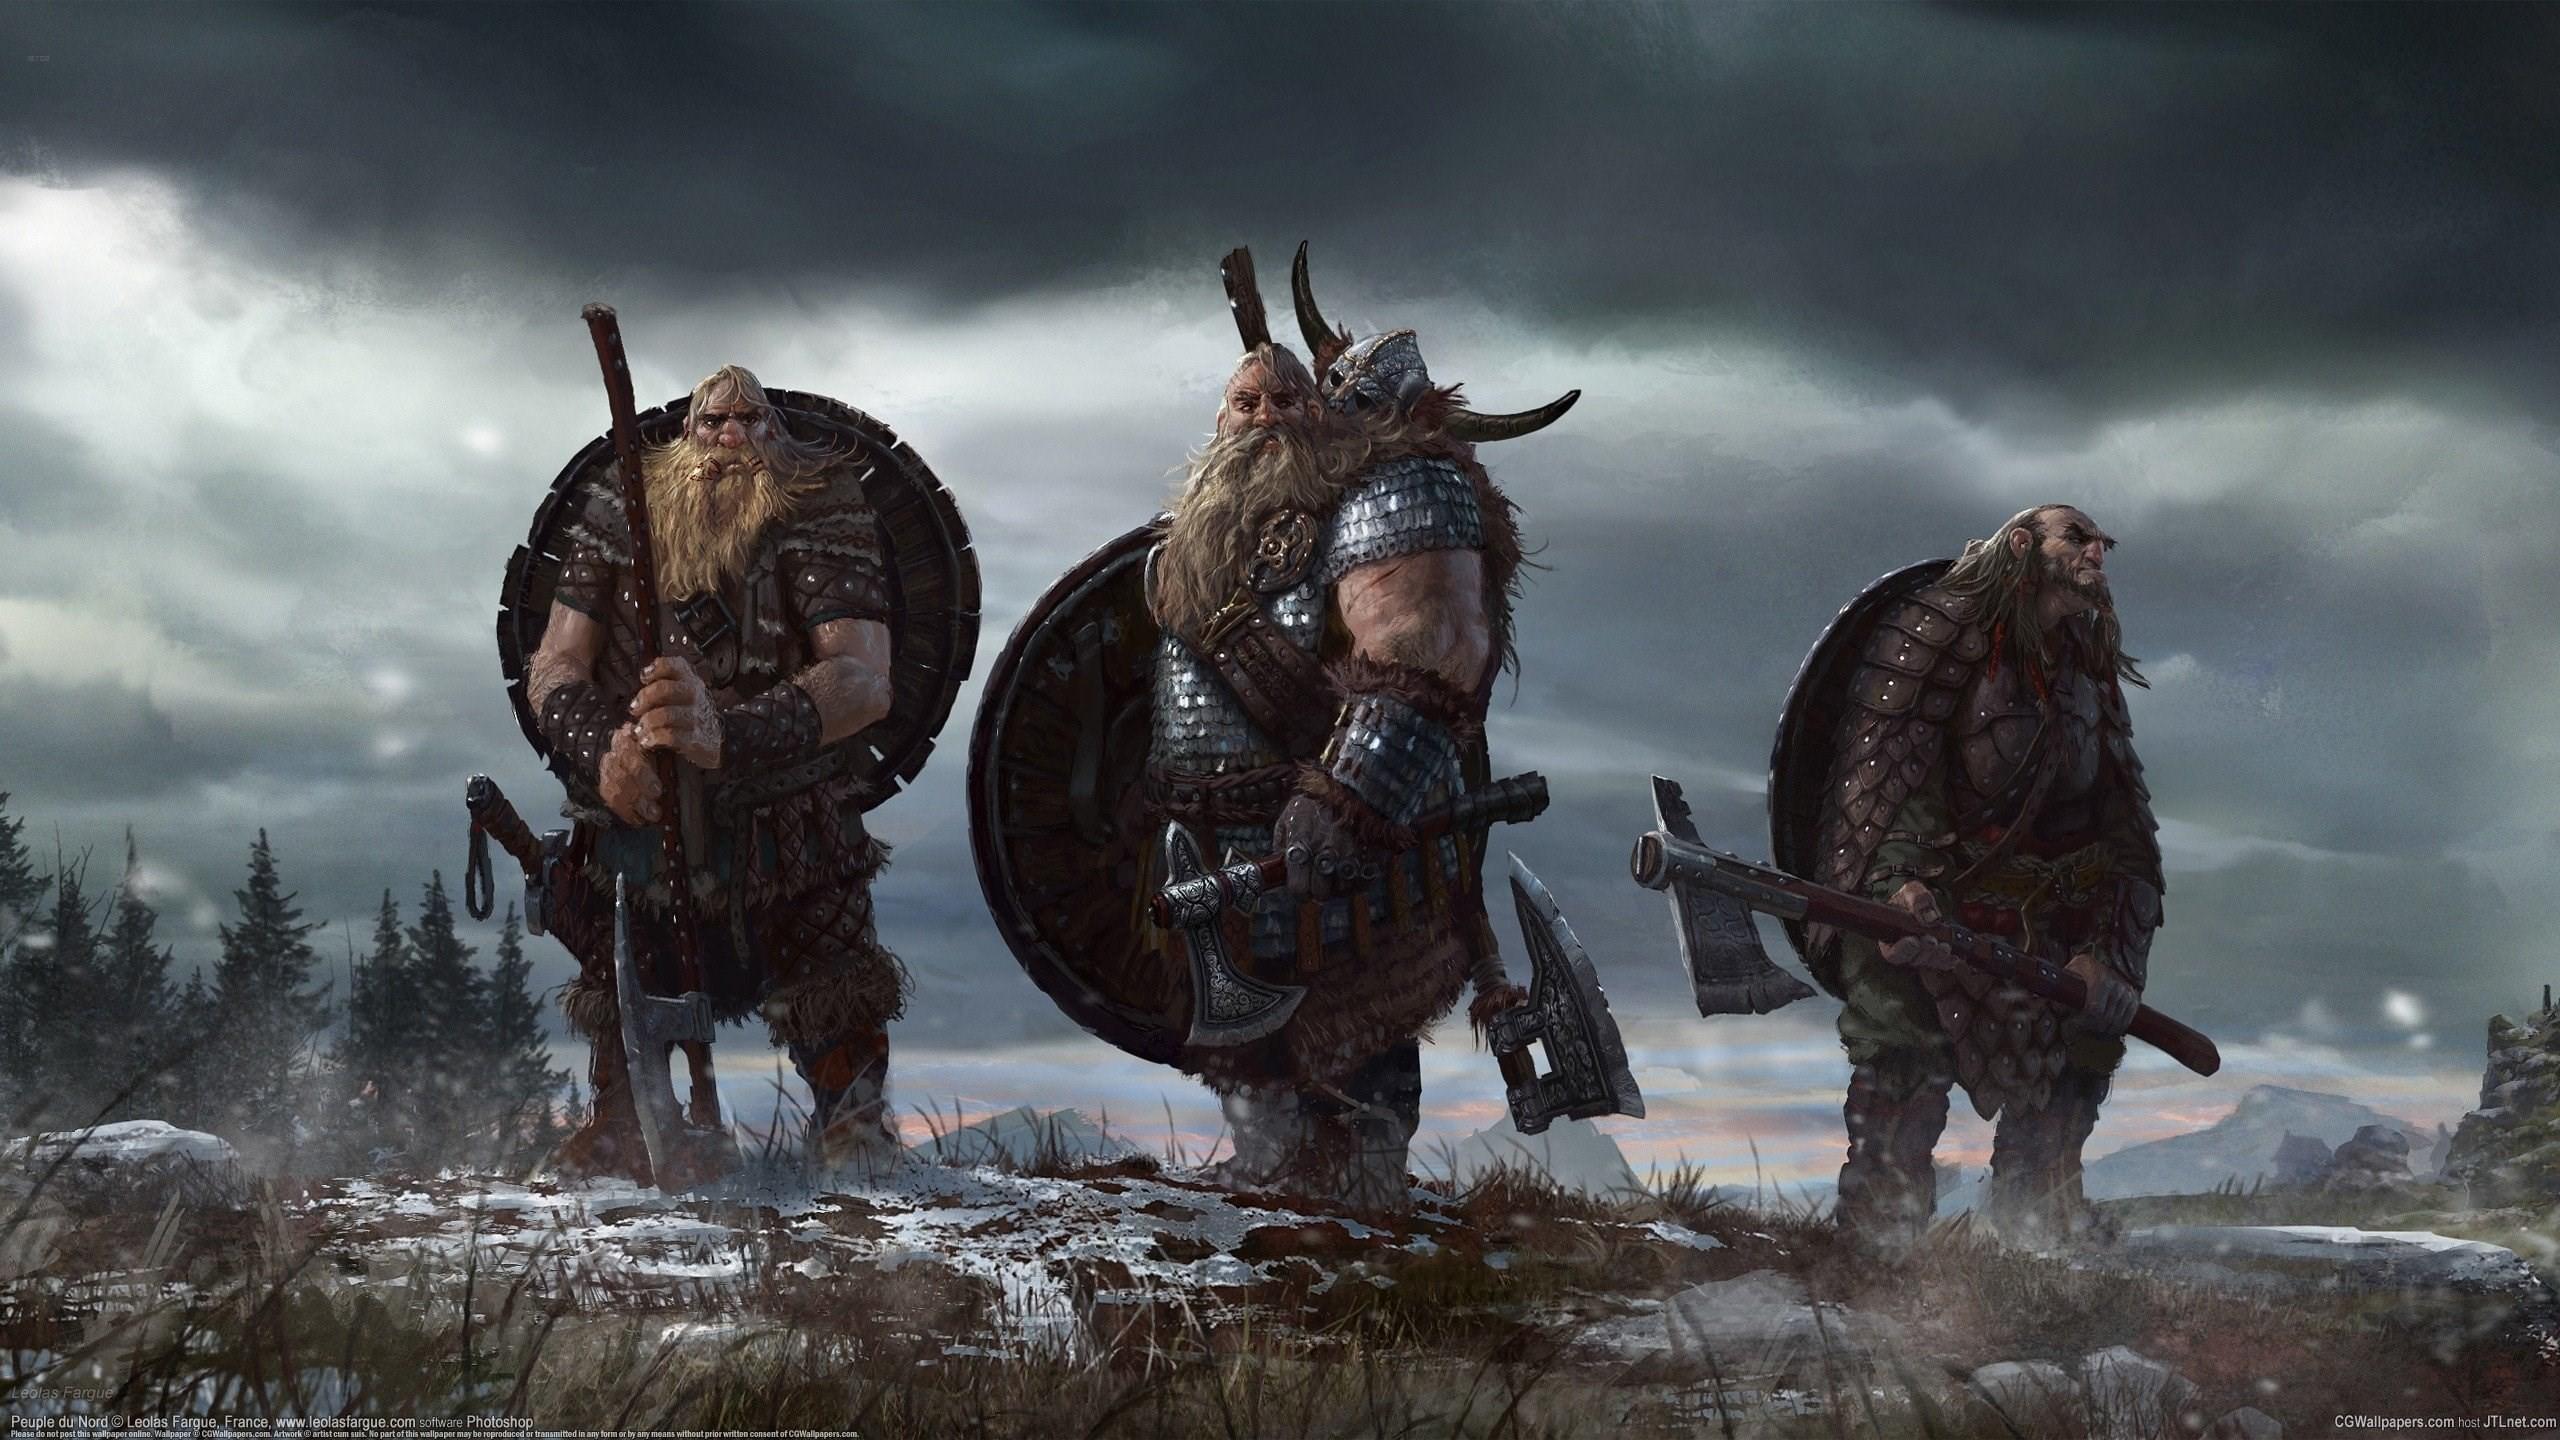 #15312, viking category – Images for Desktop: viking wallpaper